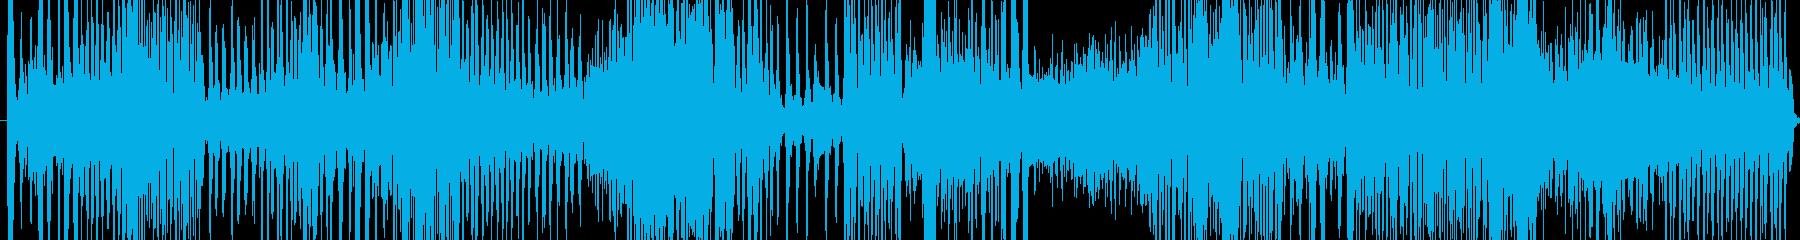 壊れた機械に囲まれた音の再生済みの波形